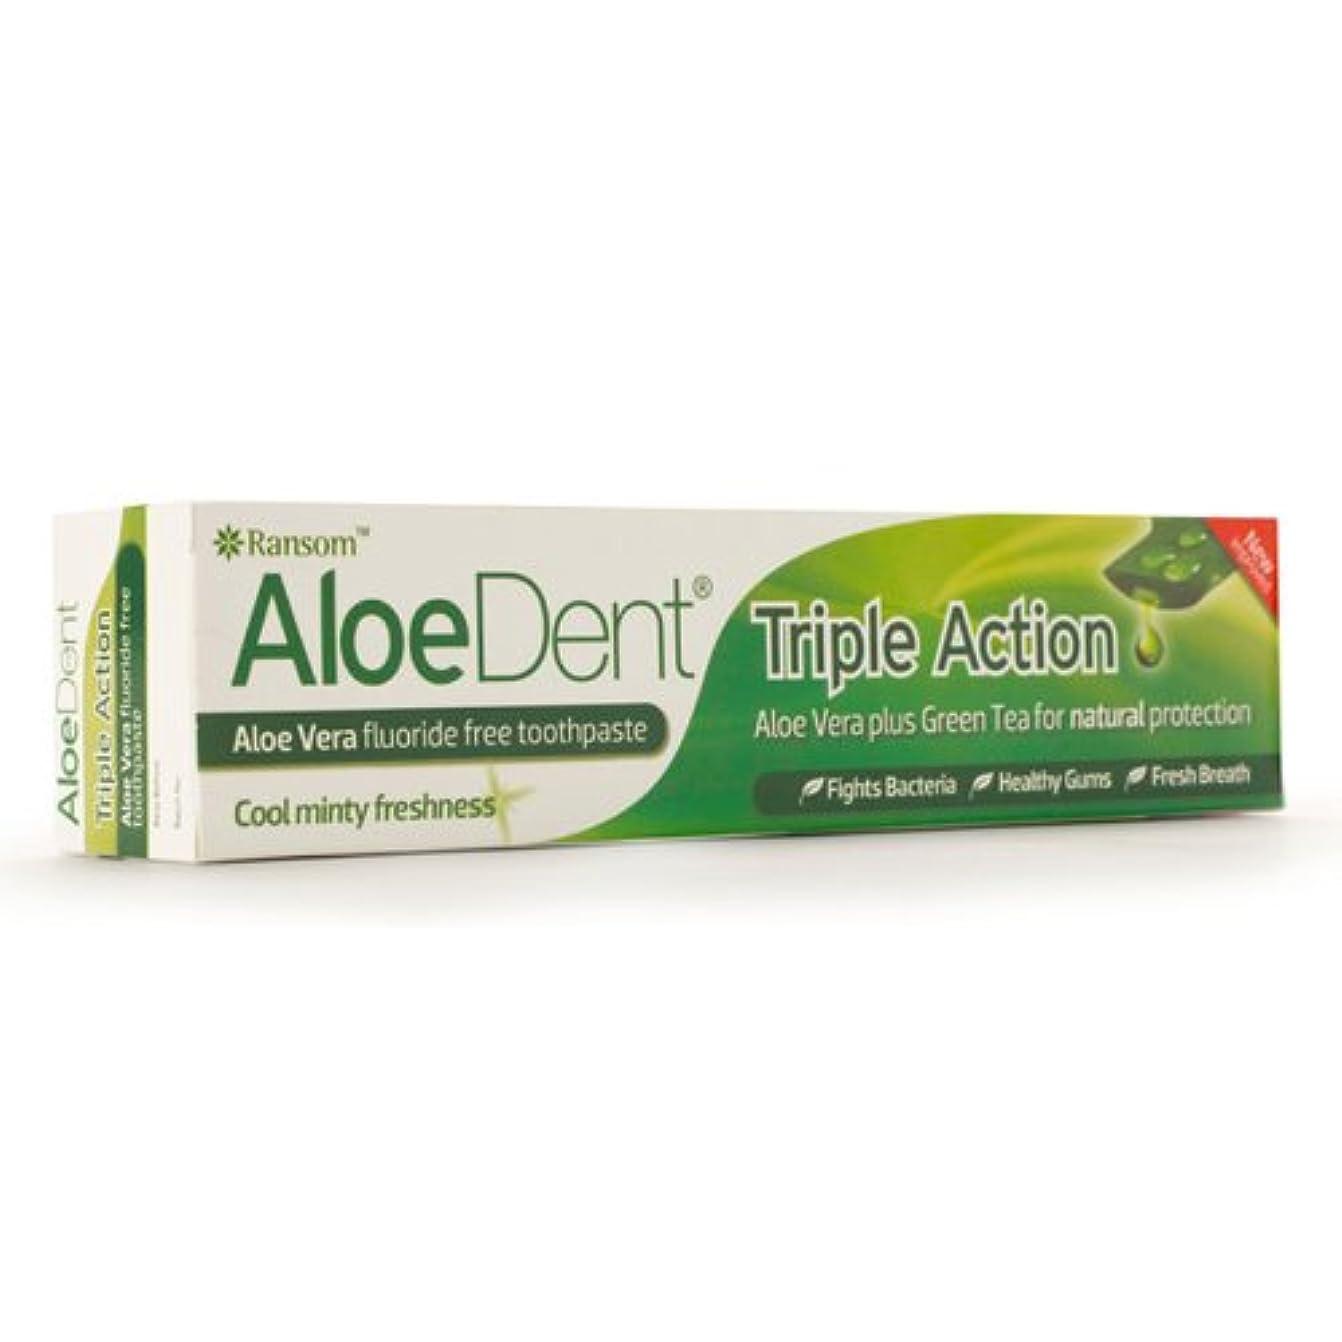 うまくいけばリンス直接AloeDent Triple Action Aloe Vera Fluoride Free Toothpaste 100ml